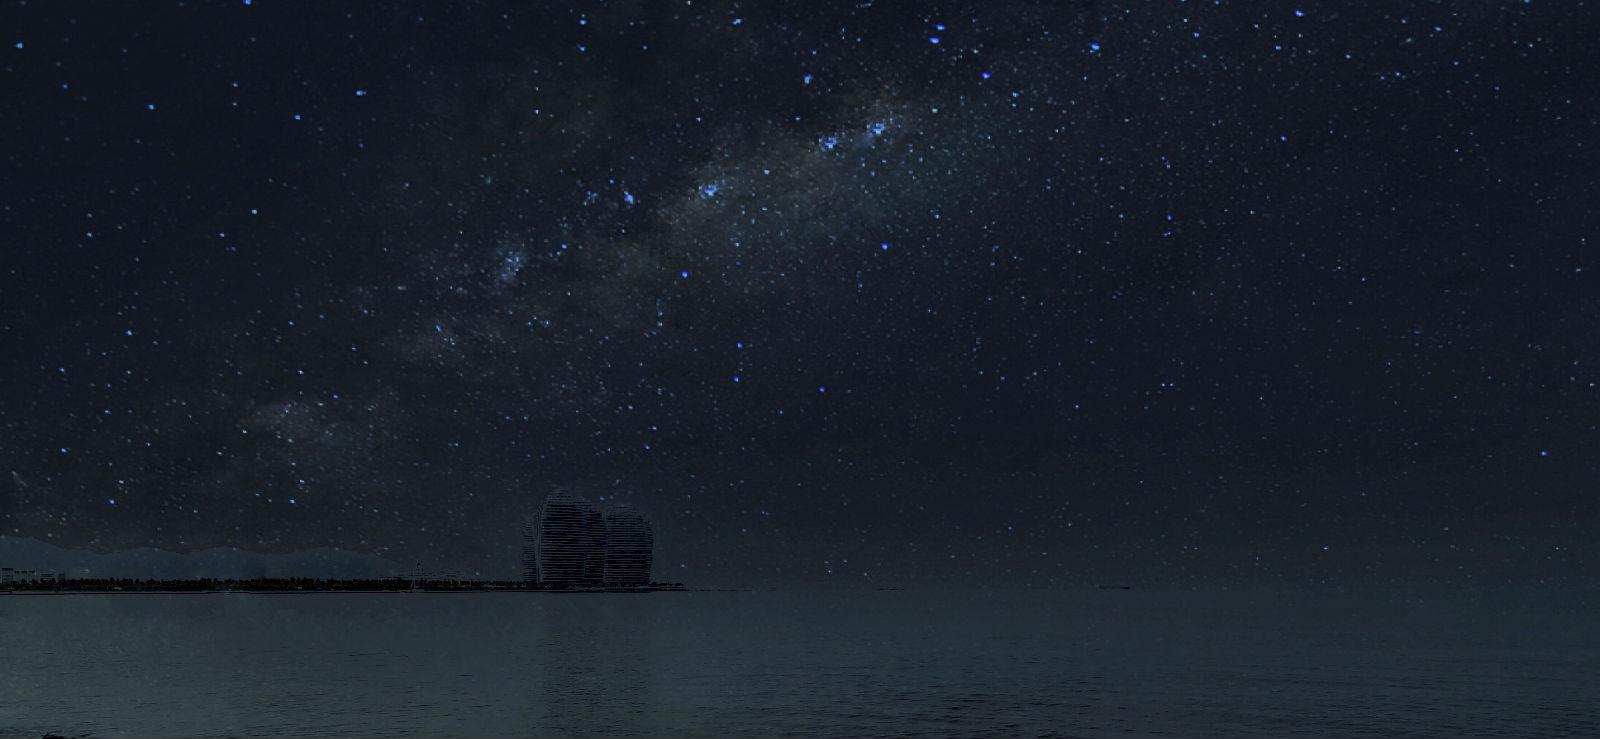 第二晚的星空更加美 更加亮图片图片